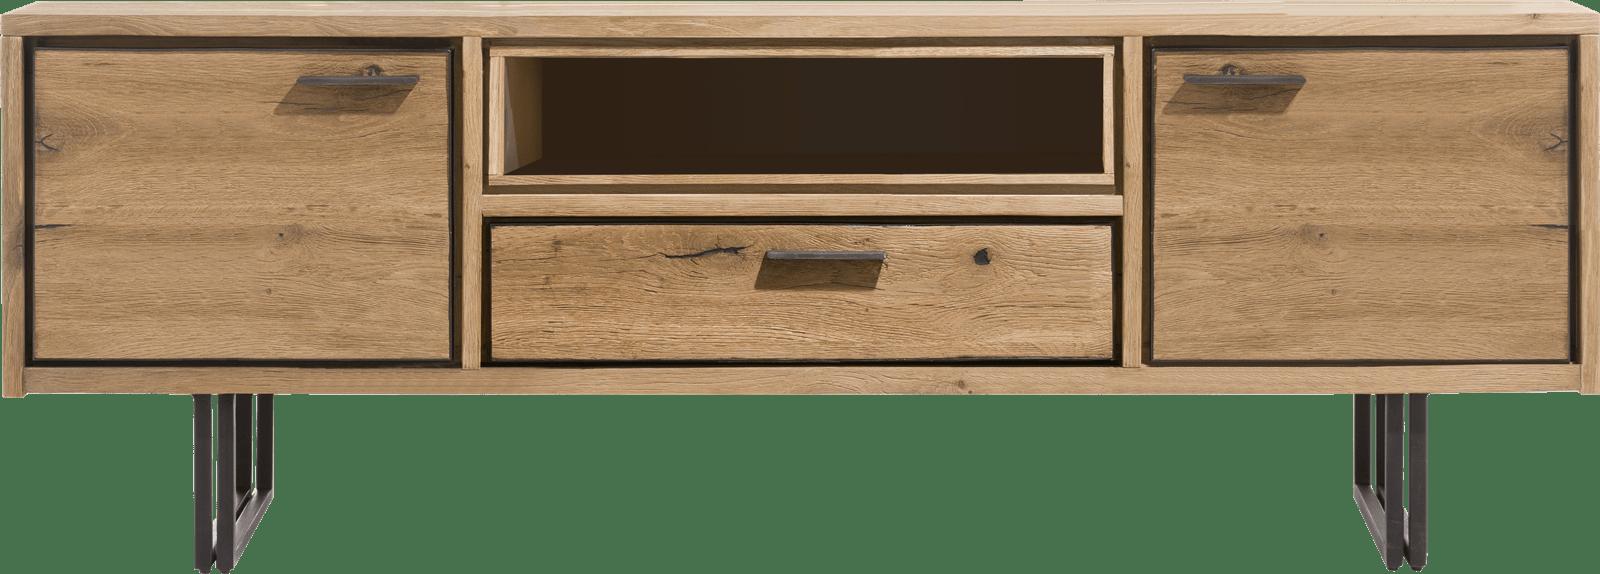 denmark lowboard 170 cm 2 portes 1 tiroir 1 niche led